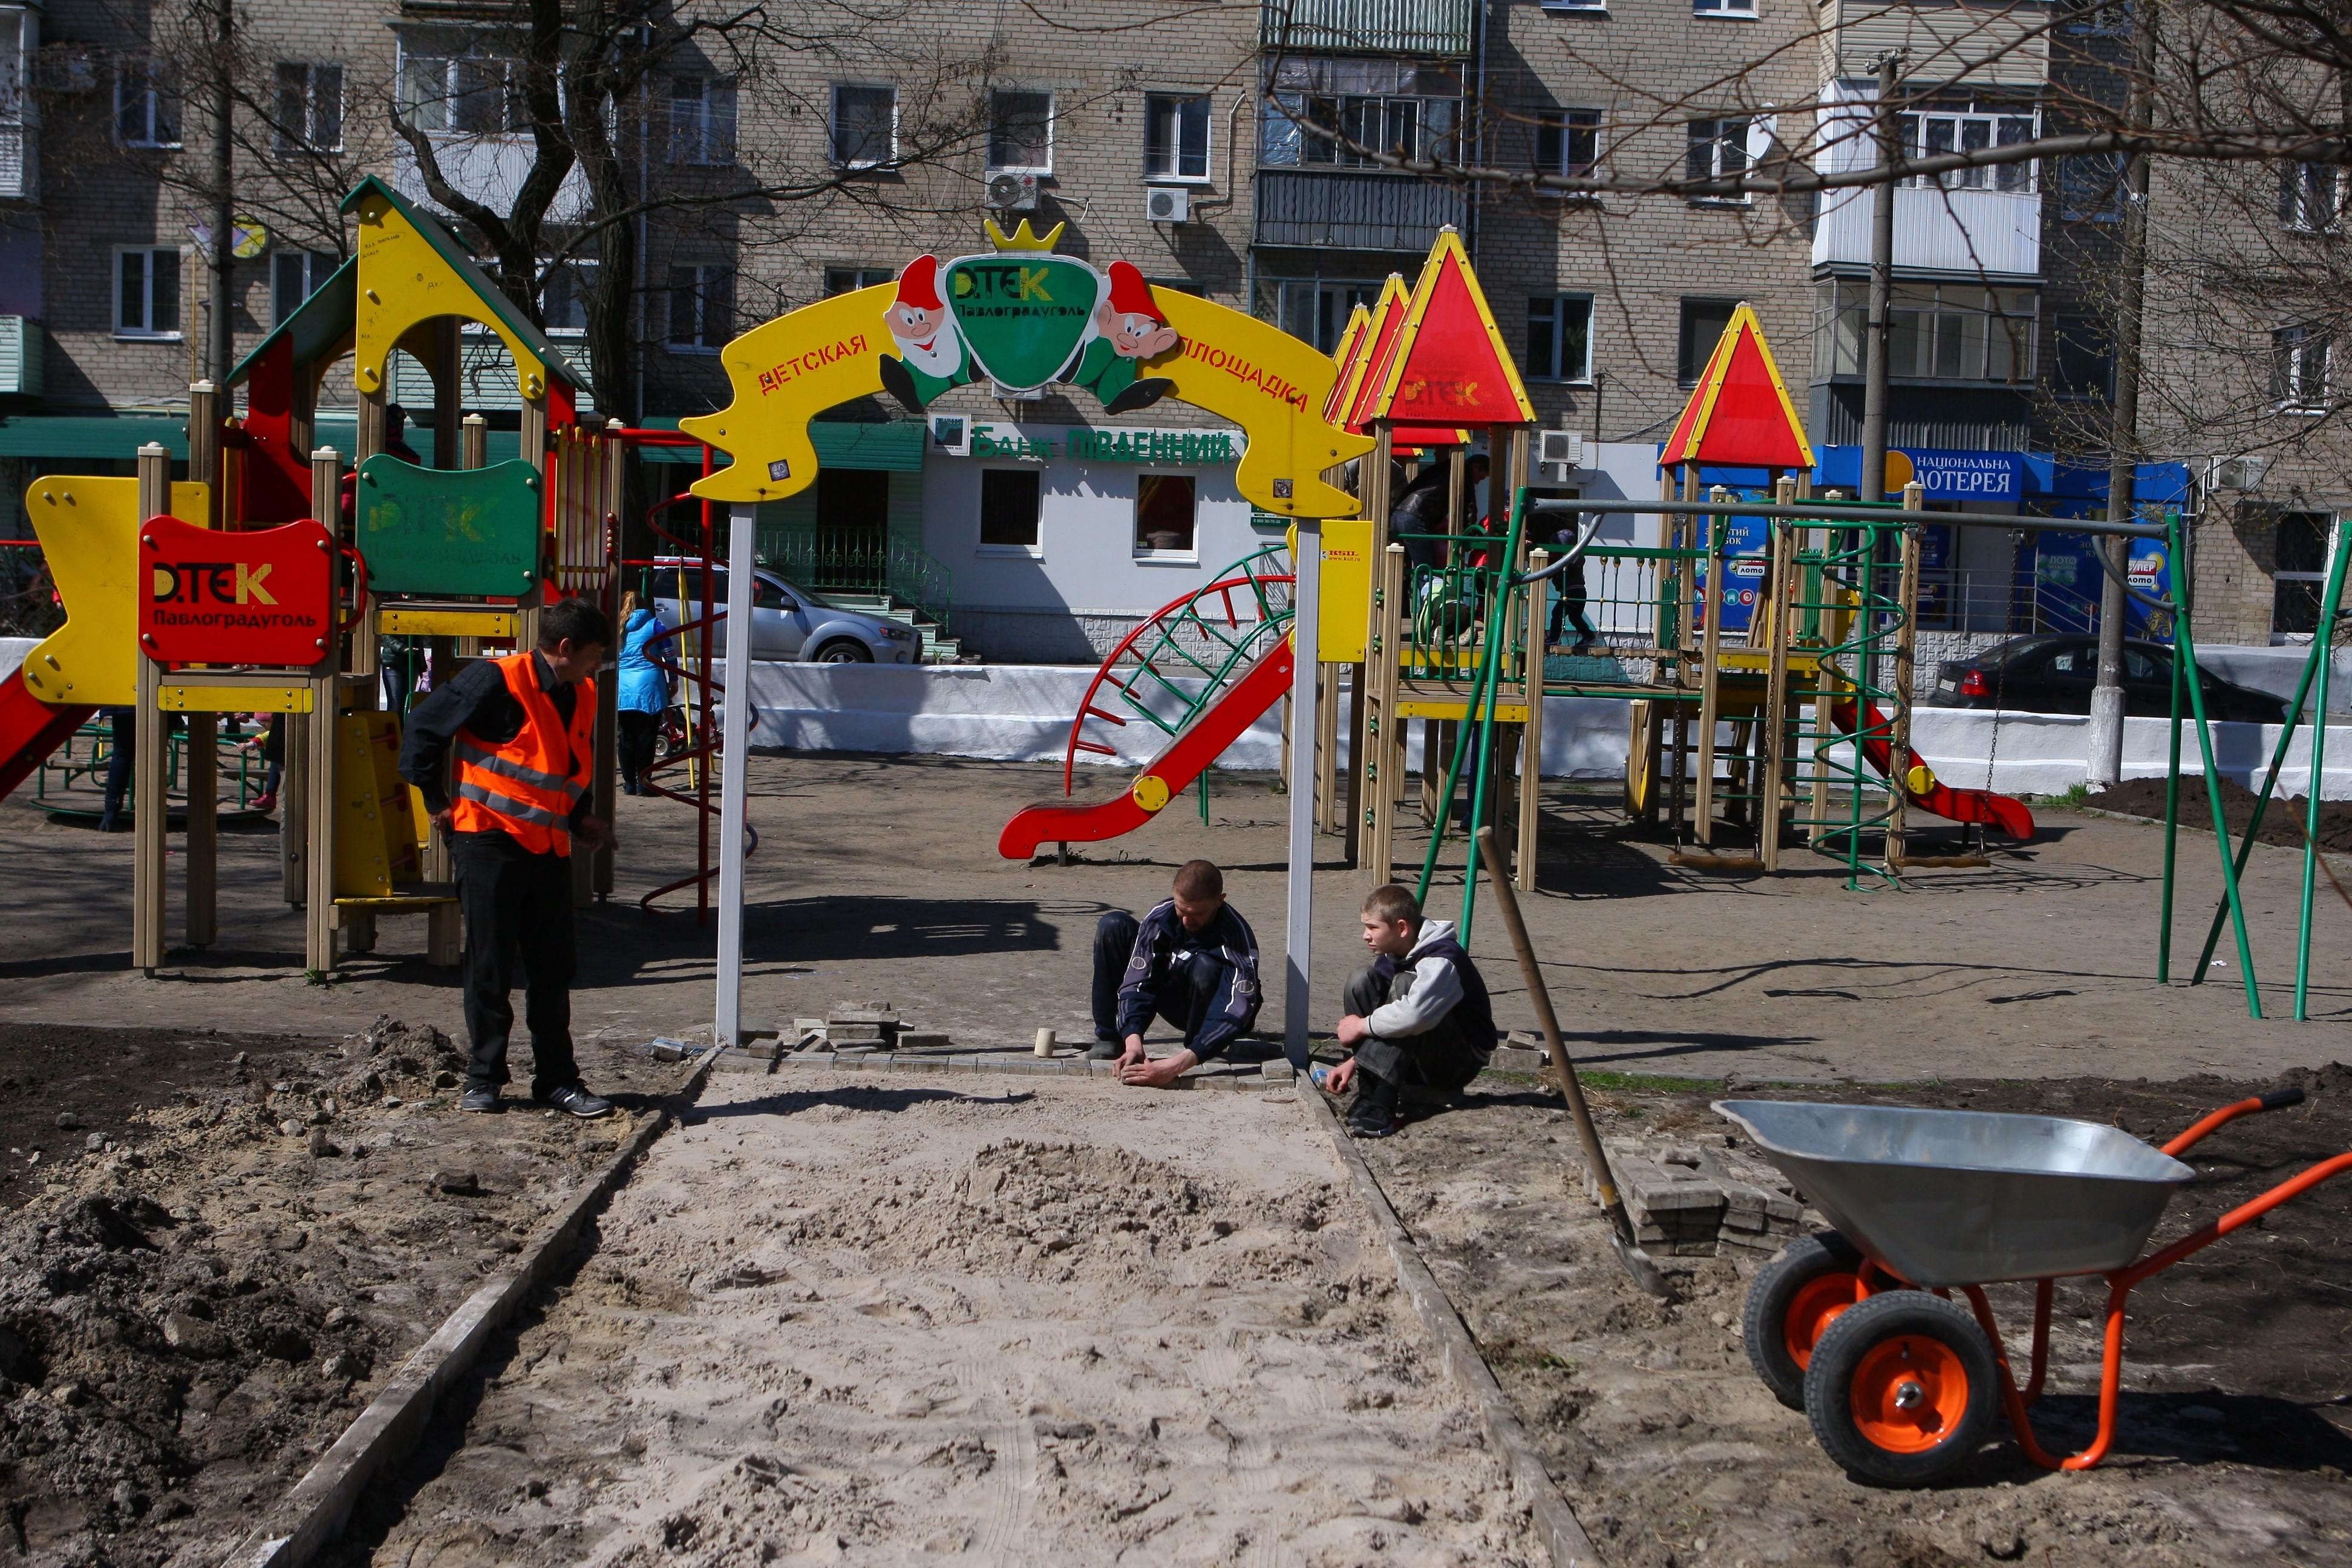 Документы для кредита Павлоградская 4-я улица сзи 6 получить Генерала Антонова улица